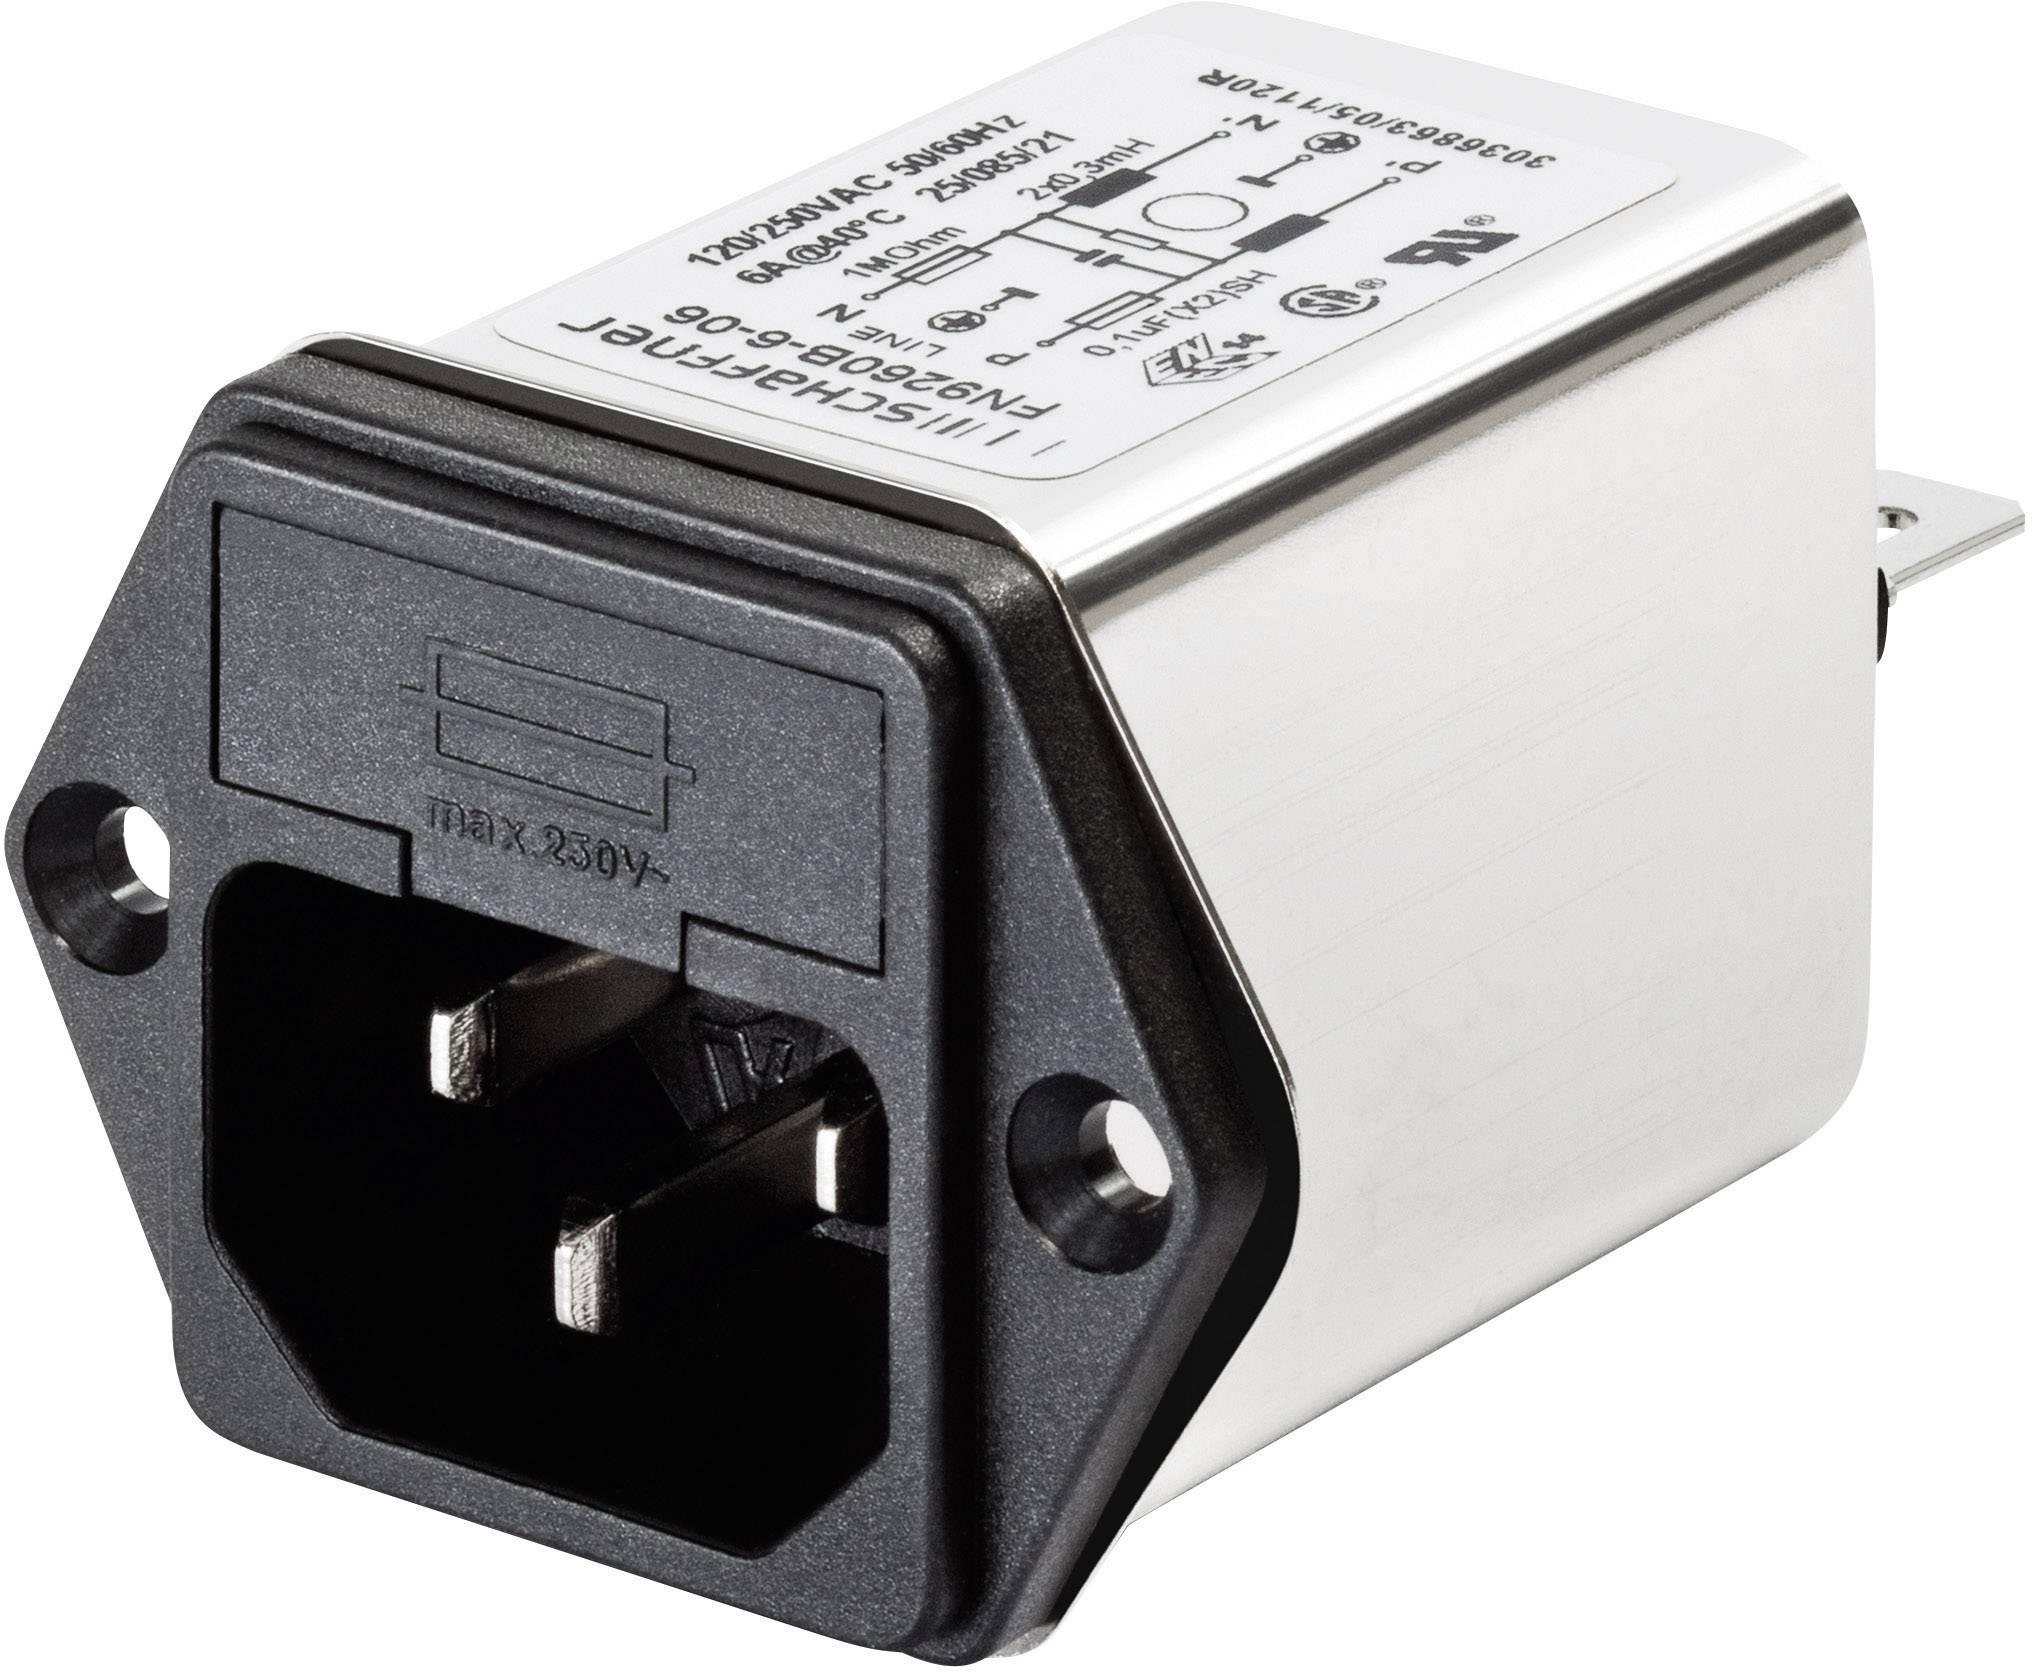 Sieťový filter Schaffner FN 9260-1-06 FN 9260-1-06, so spínačom, s IEC zásuvkou, 250 V/AC, 1 A, 5.3 mH, (š x v) 46 mm x 32 mm, 1 ks